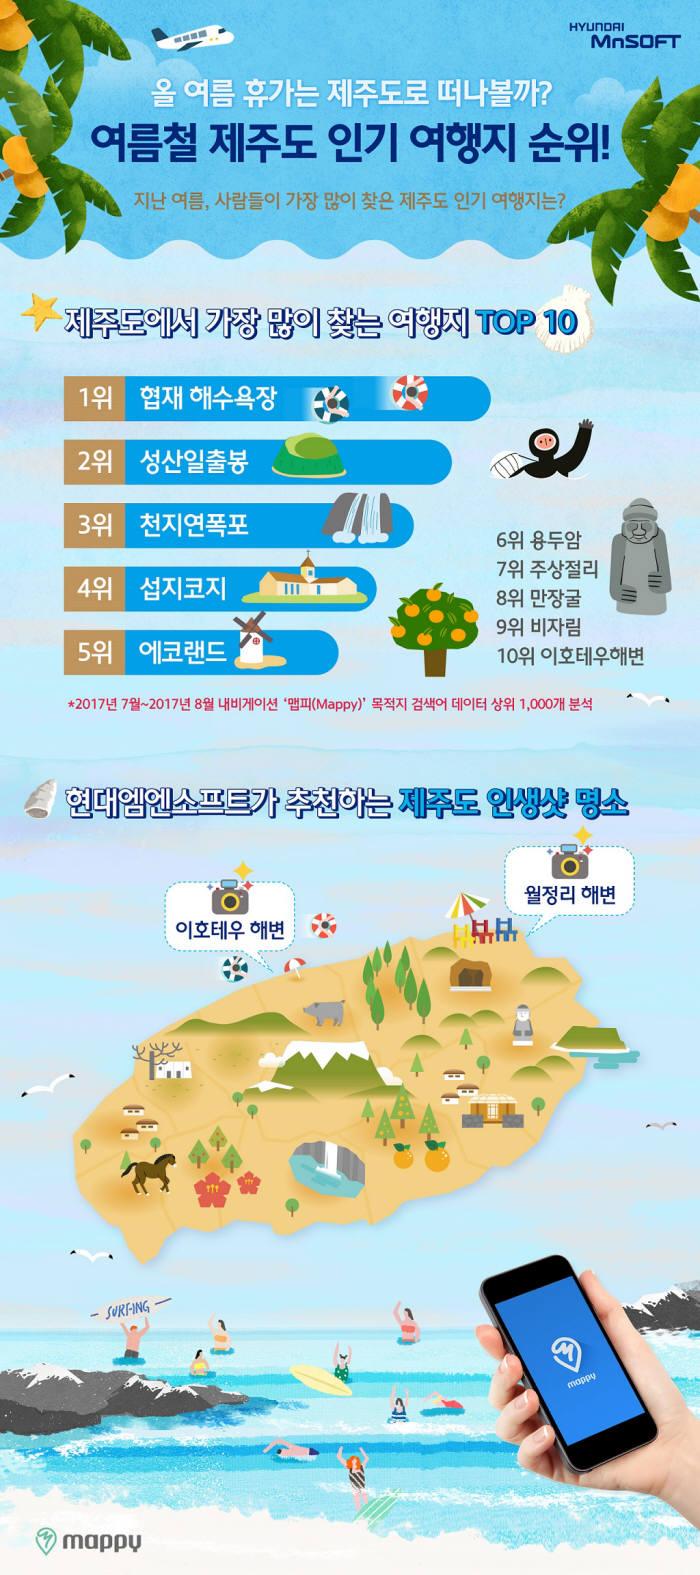 현대엠엔소프트 여름철 제주도 인기 여행지 데이터 인포그래픽 (제공=현대엠엔소프트)